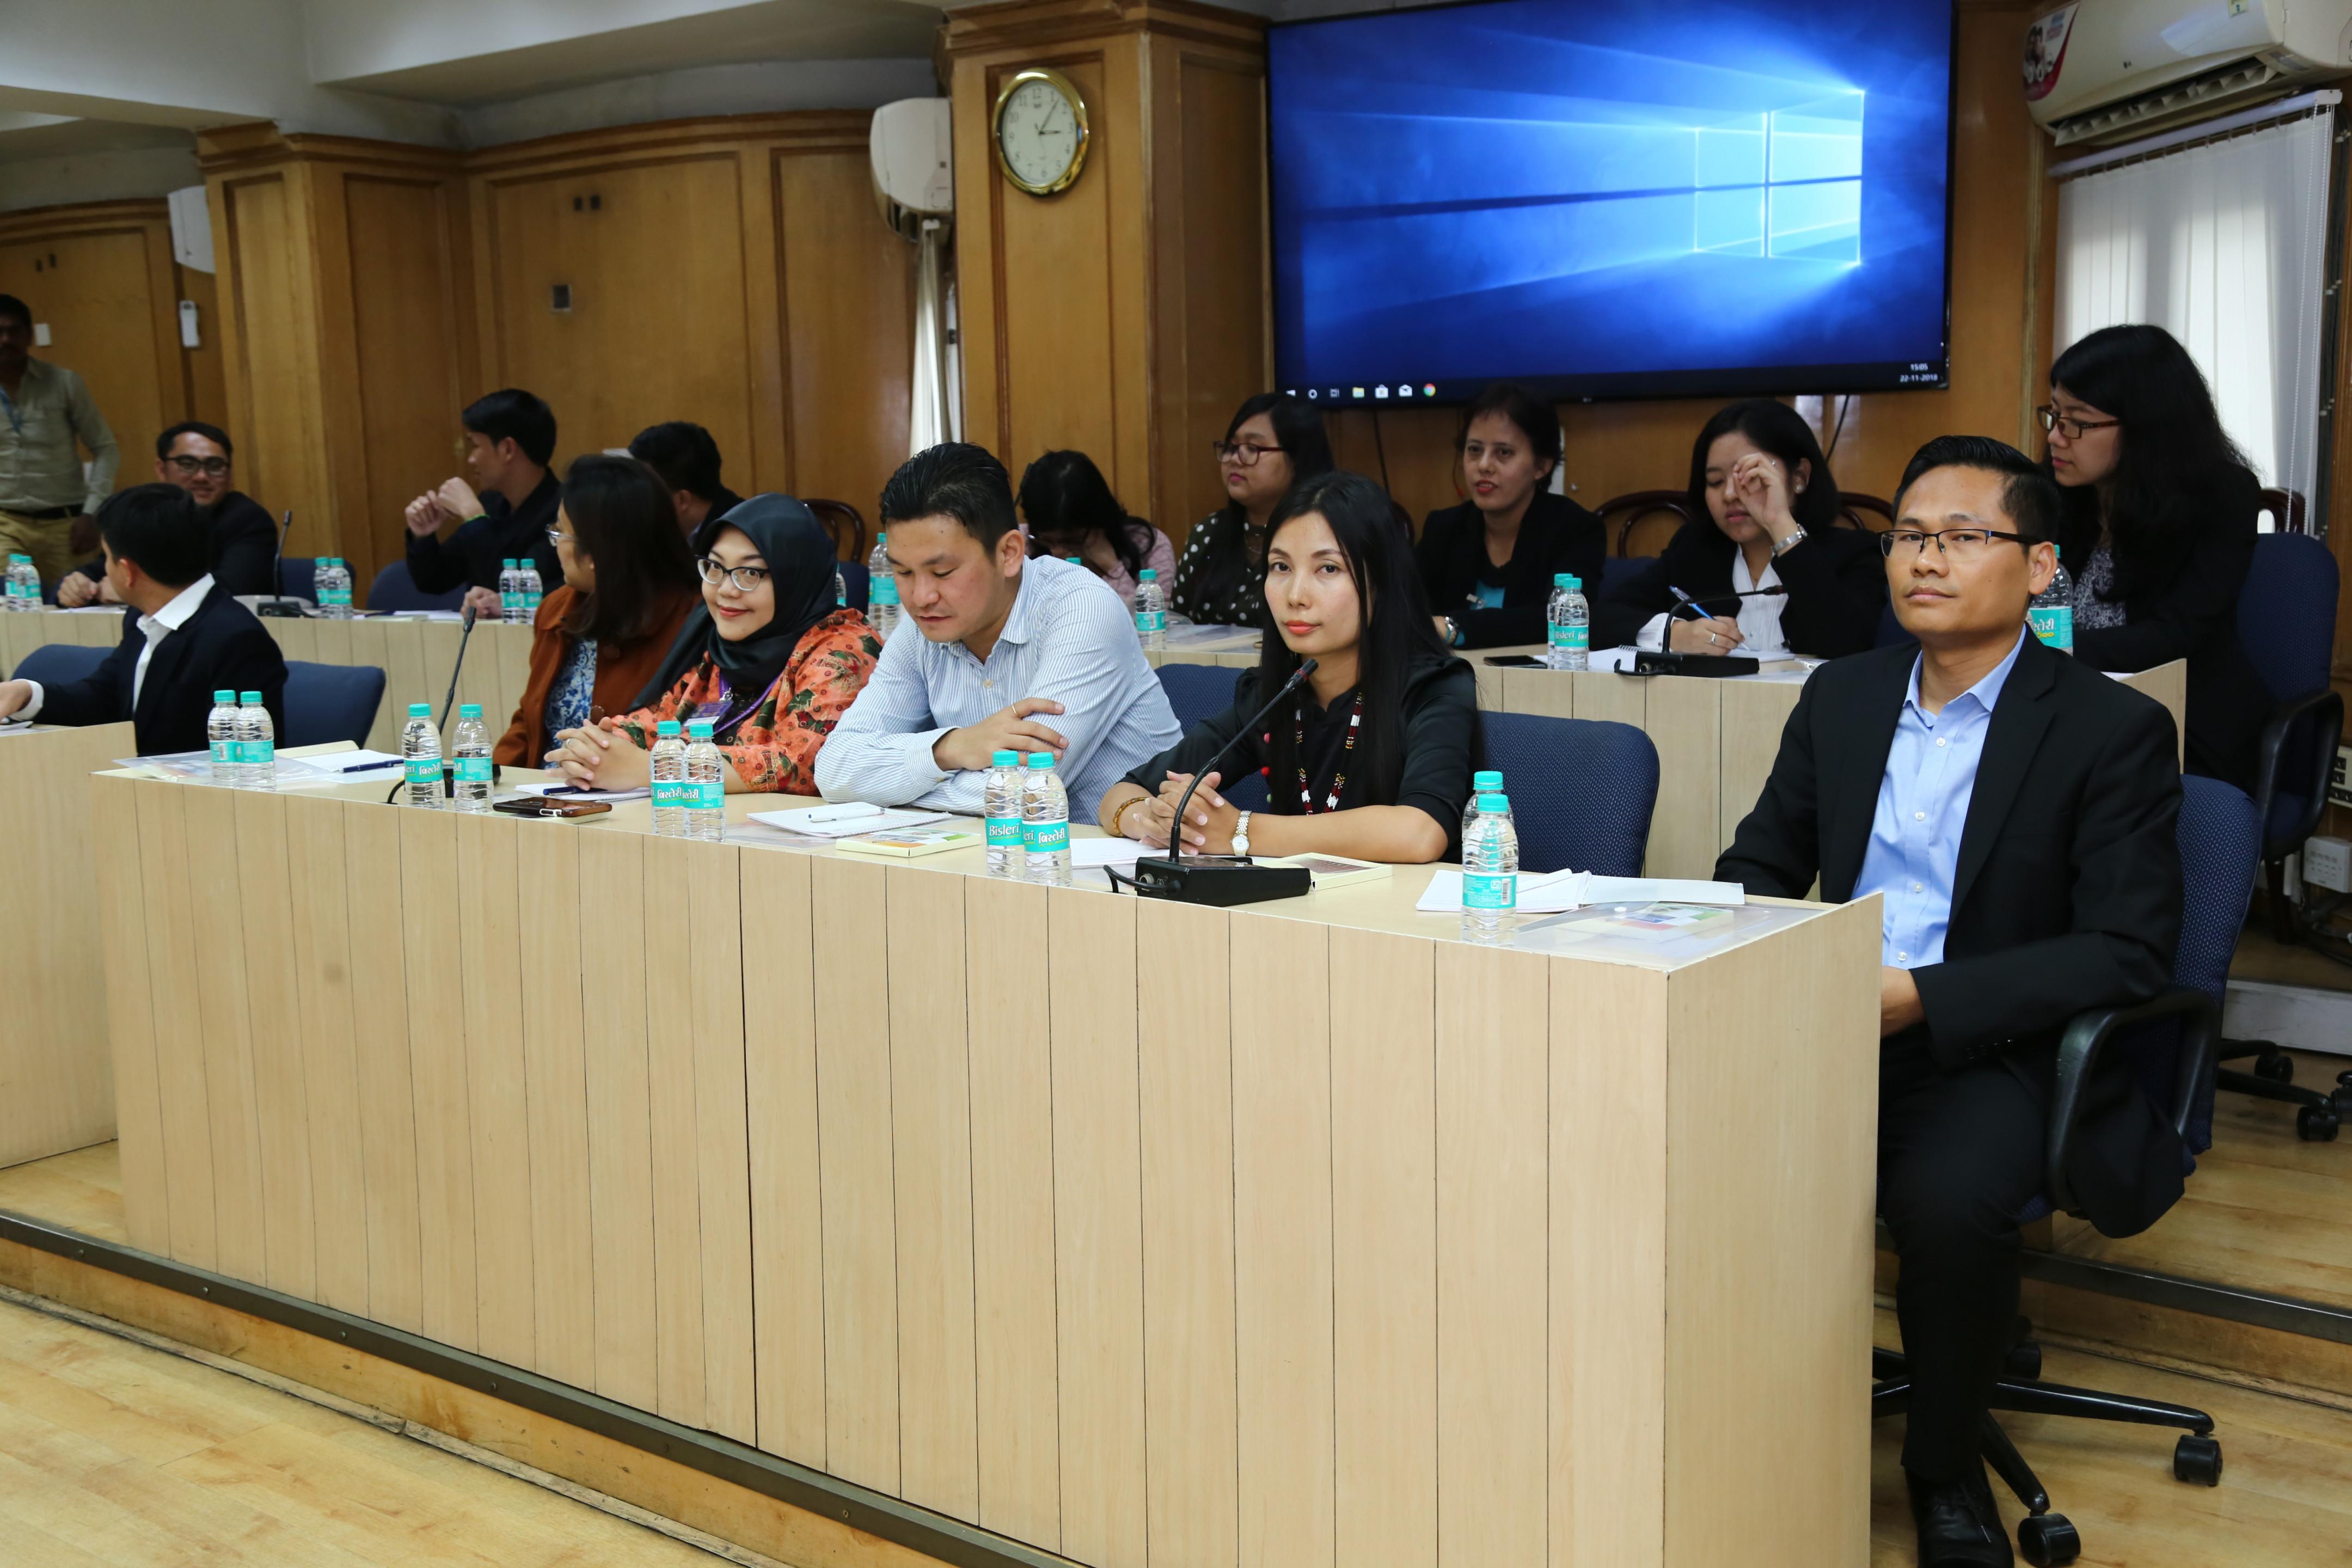 22 नवंबर, 2018 को आसियान राजनयिकों और म्यांमार राजनयिकों का भारत निर्वाचन आयोग का दौरा